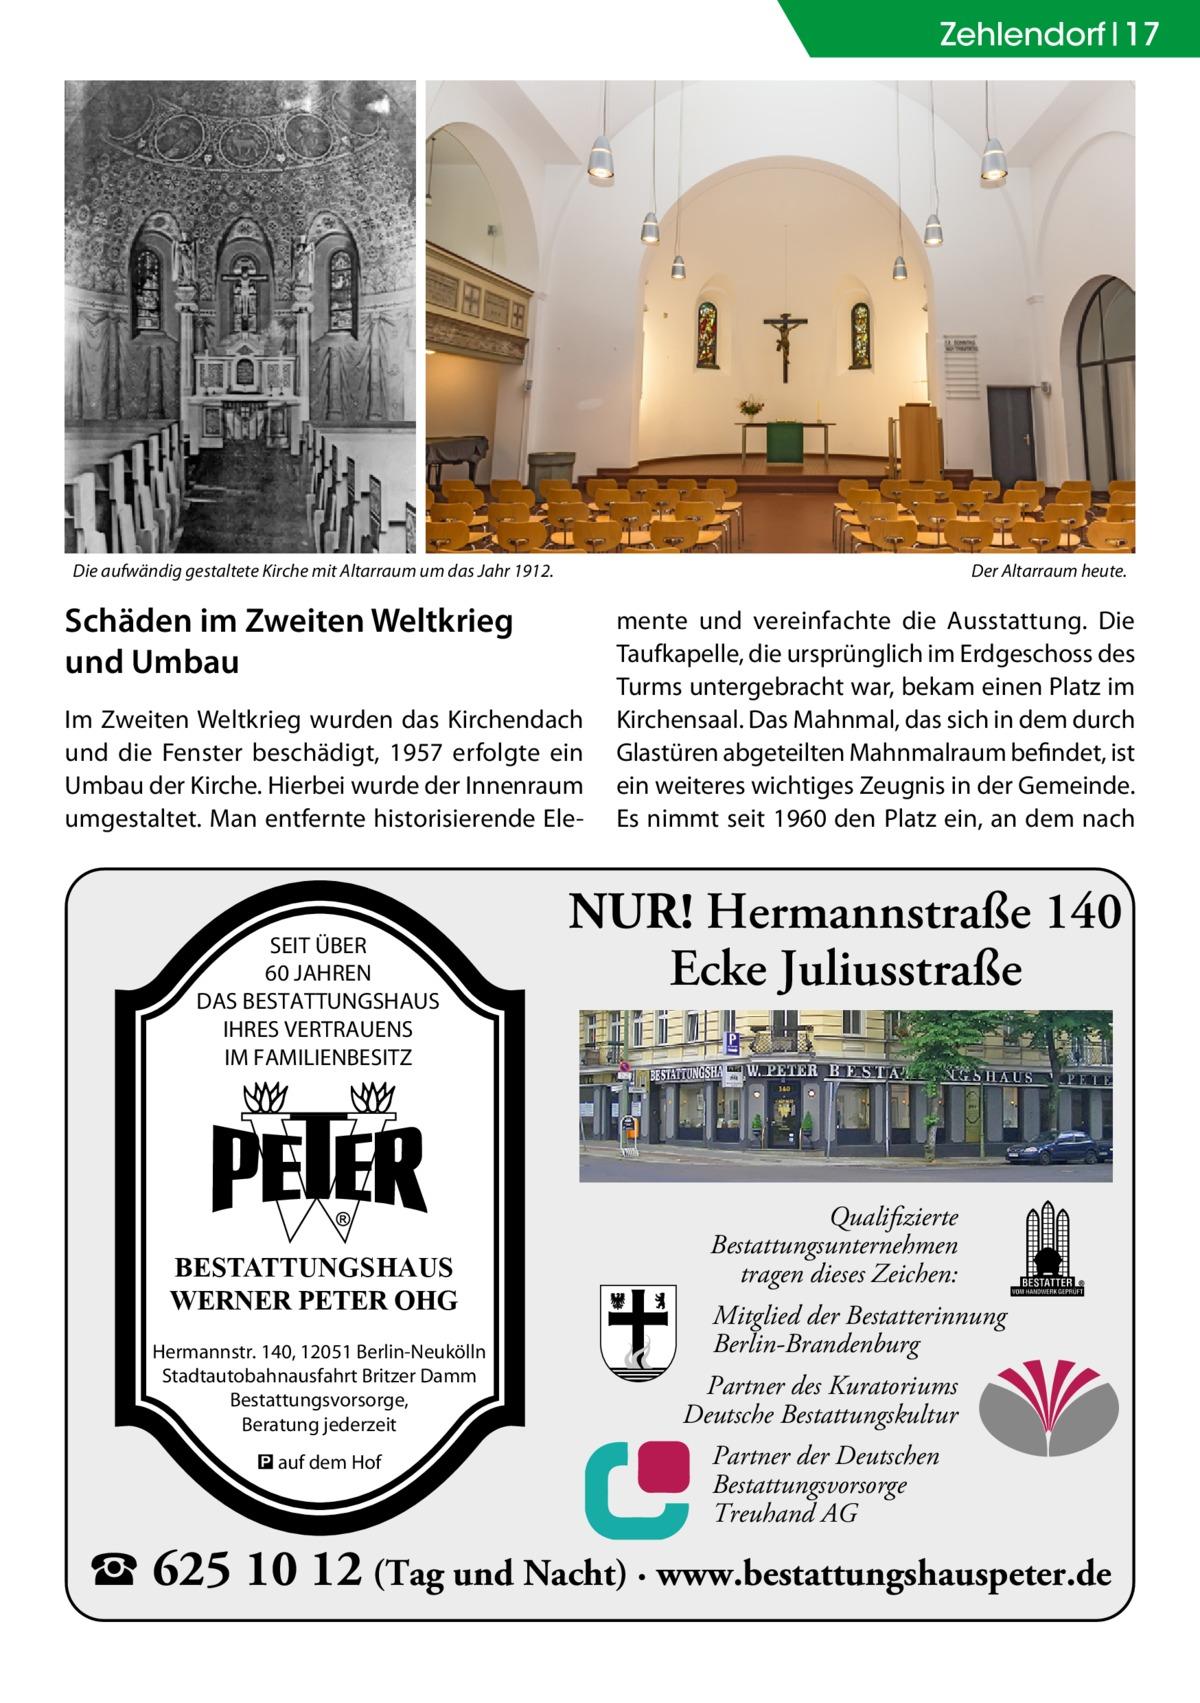 Zehlendorf 17  Die aufwändig gestaltete Kirche mit Altarraum um das Jahr 1912.  Der Altarraum heute.  Schäden im Zweiten Weltkrieg und Umbau Im Zweiten Weltkrieg wurden das Kirchendach und die Fenster beschädigt, 1957 erfolgte ein Umbau der Kirche. Hierbei wurde der Innenraum umgestaltet. Man entfernte historisierende Ele SEIT ÜBER 60 JAHREN DAS BESTATTUNGSHAUS IHRES VERTRAUENS IM FAMILIENBESITZ  BESTATTUNGSHAUS WERNER PETER OHG Hermannstr. 140, 12051 Berlin-Neukölln Stadtautobahnausfahrt Britzer Damm Bestattungsvorsorge, Beratung jederzeit � auf dem Hof  mente und vereinfachte die Ausstattung. Die Taufkapelle, die ursprünglich im Erdgeschoss des Turms untergebracht war, bekam einen Platz im Kirchensaal. Das Mahnmal, das sich in dem durch Glastüren abgeteilten Mahnmalraum befindet, ist ein weiteres wichtiges Zeugnis in der Gemeinde. Es nimmt seit 1960 den Platz ein, an dem nach  NUR! Hermannstraße 140 Ecke Juliusstraße  Qualifizierte Bestattungsunternehmen tragen dieses Zeichen: Mitglied der Bestatterinnung Berlin-Brandenburg Partner des Kuratoriums Deutsche Bestattungskultur Partner der Deutschen Bestattungsvorsorge Treuhand AG  � 625 10 12 (Tag und Nacht) · www.bestattungshauspeter.de